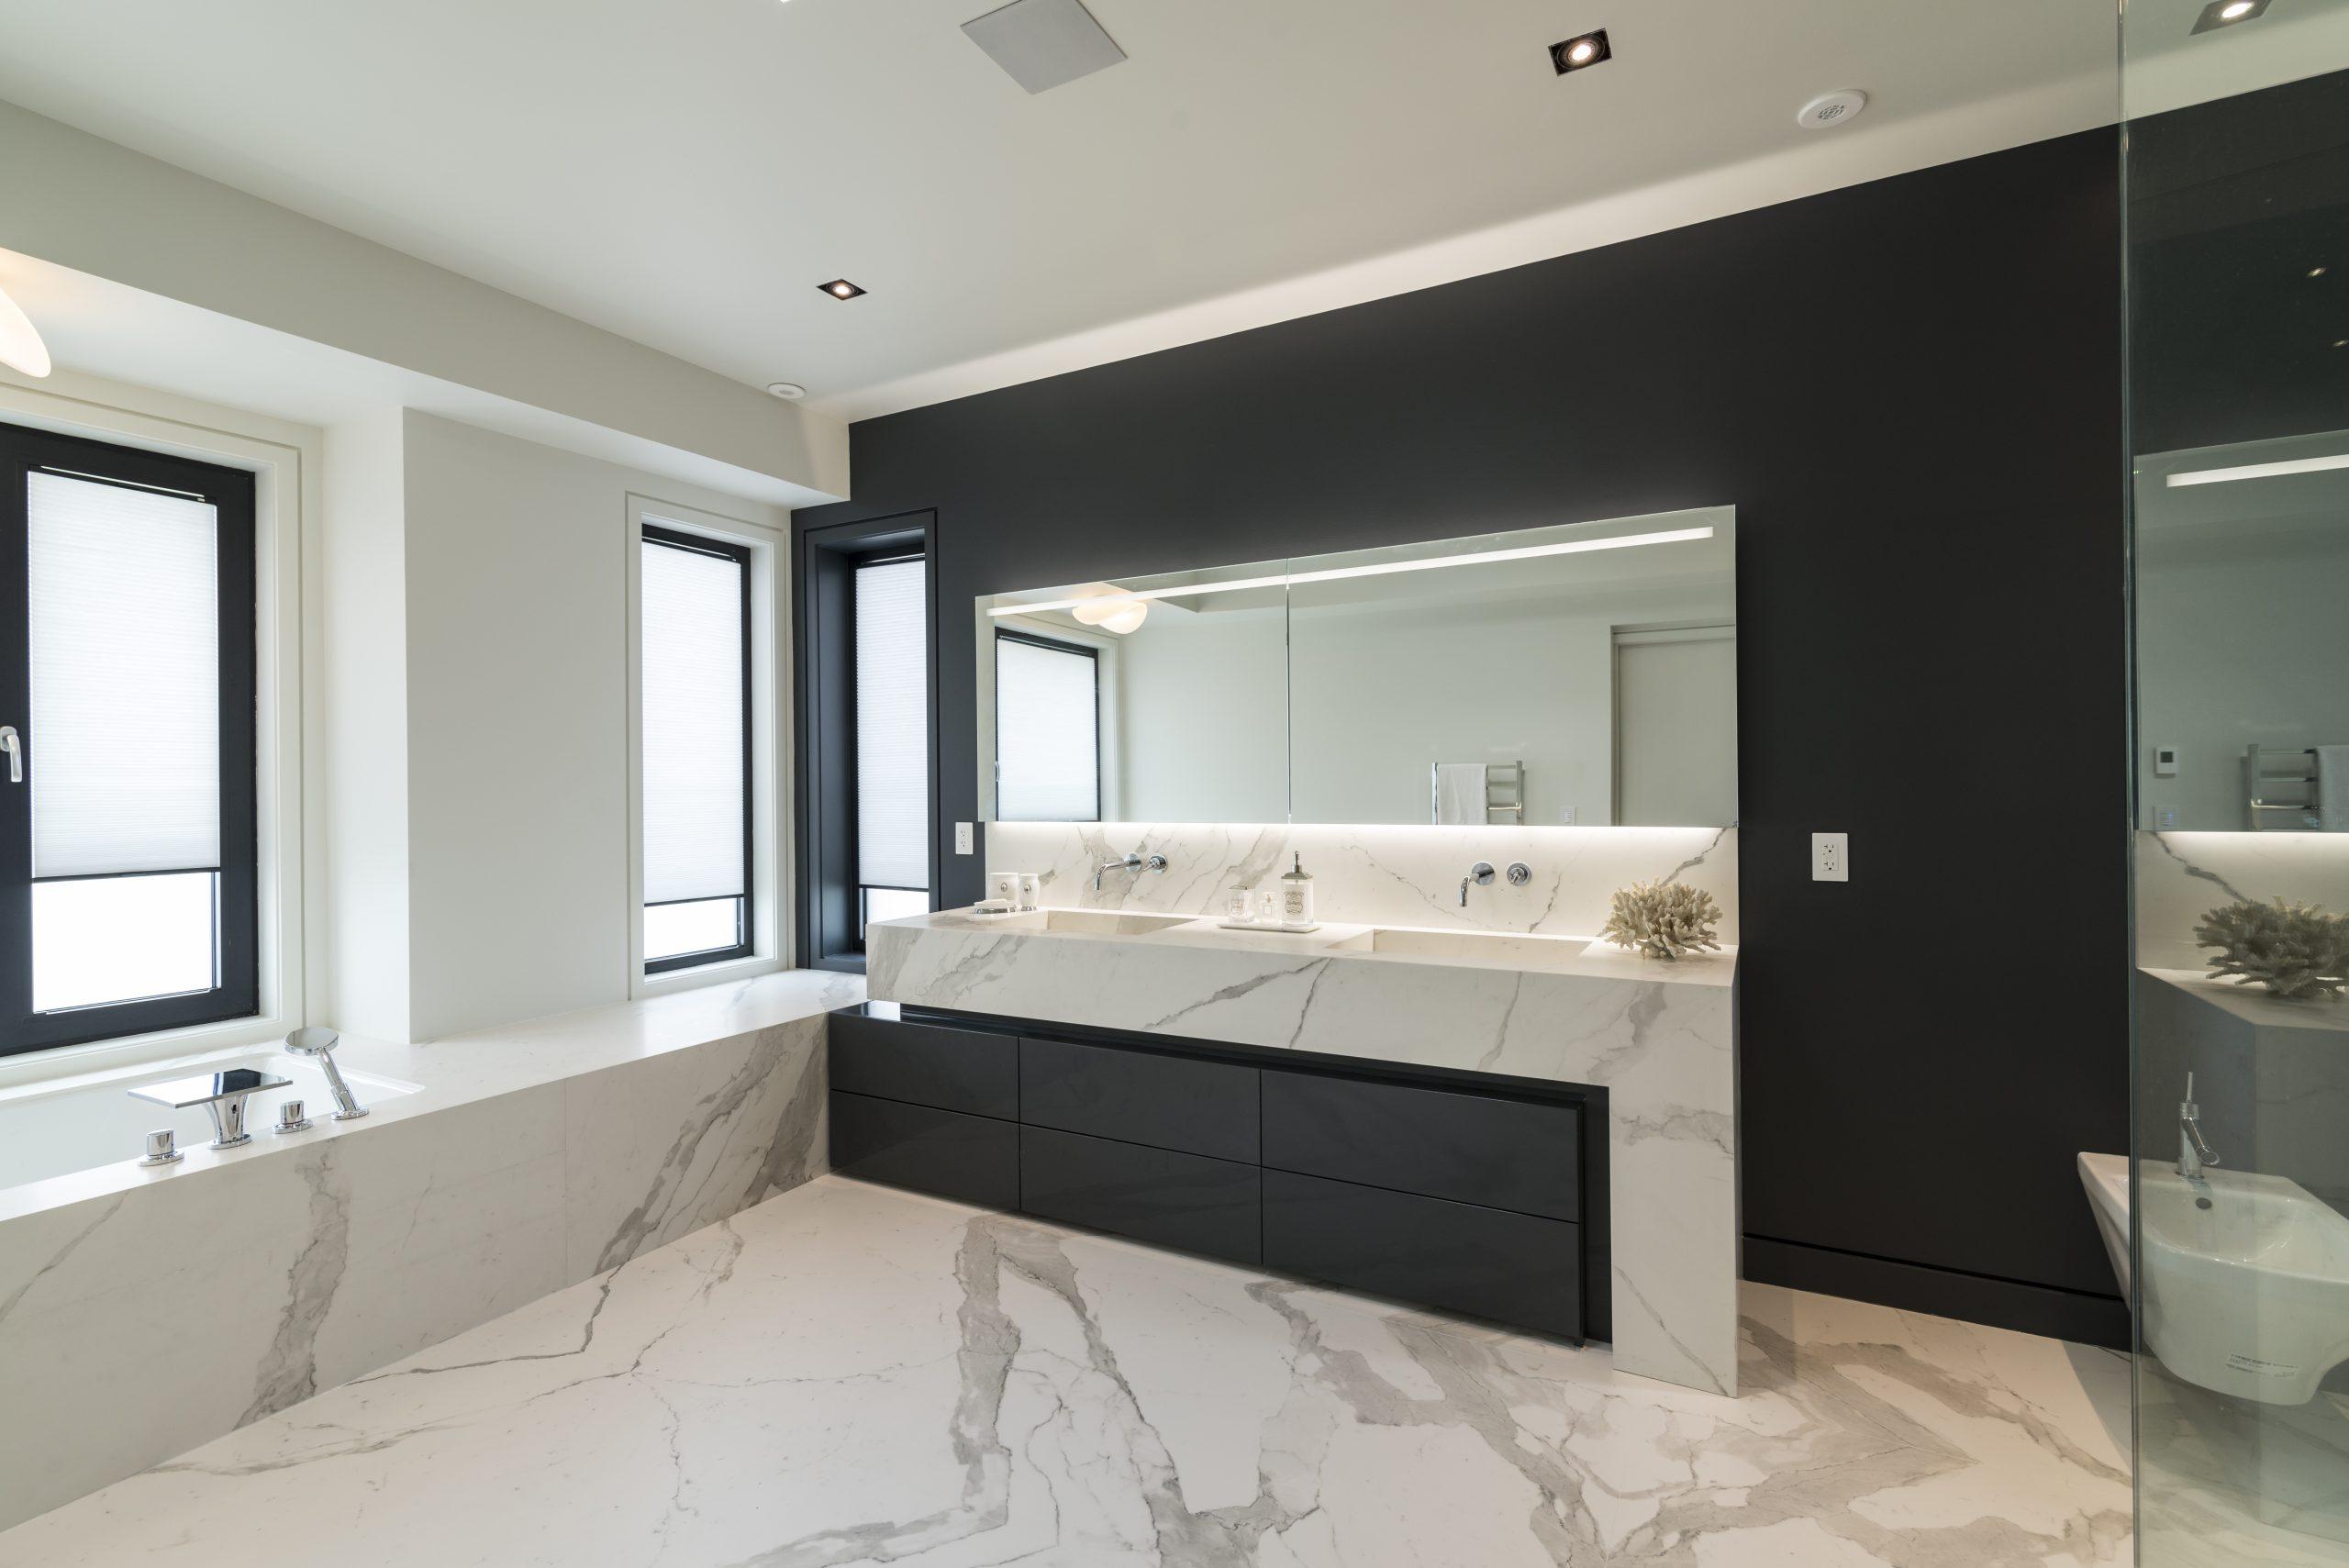 kamenná kúpeľňa s kresbou bledá